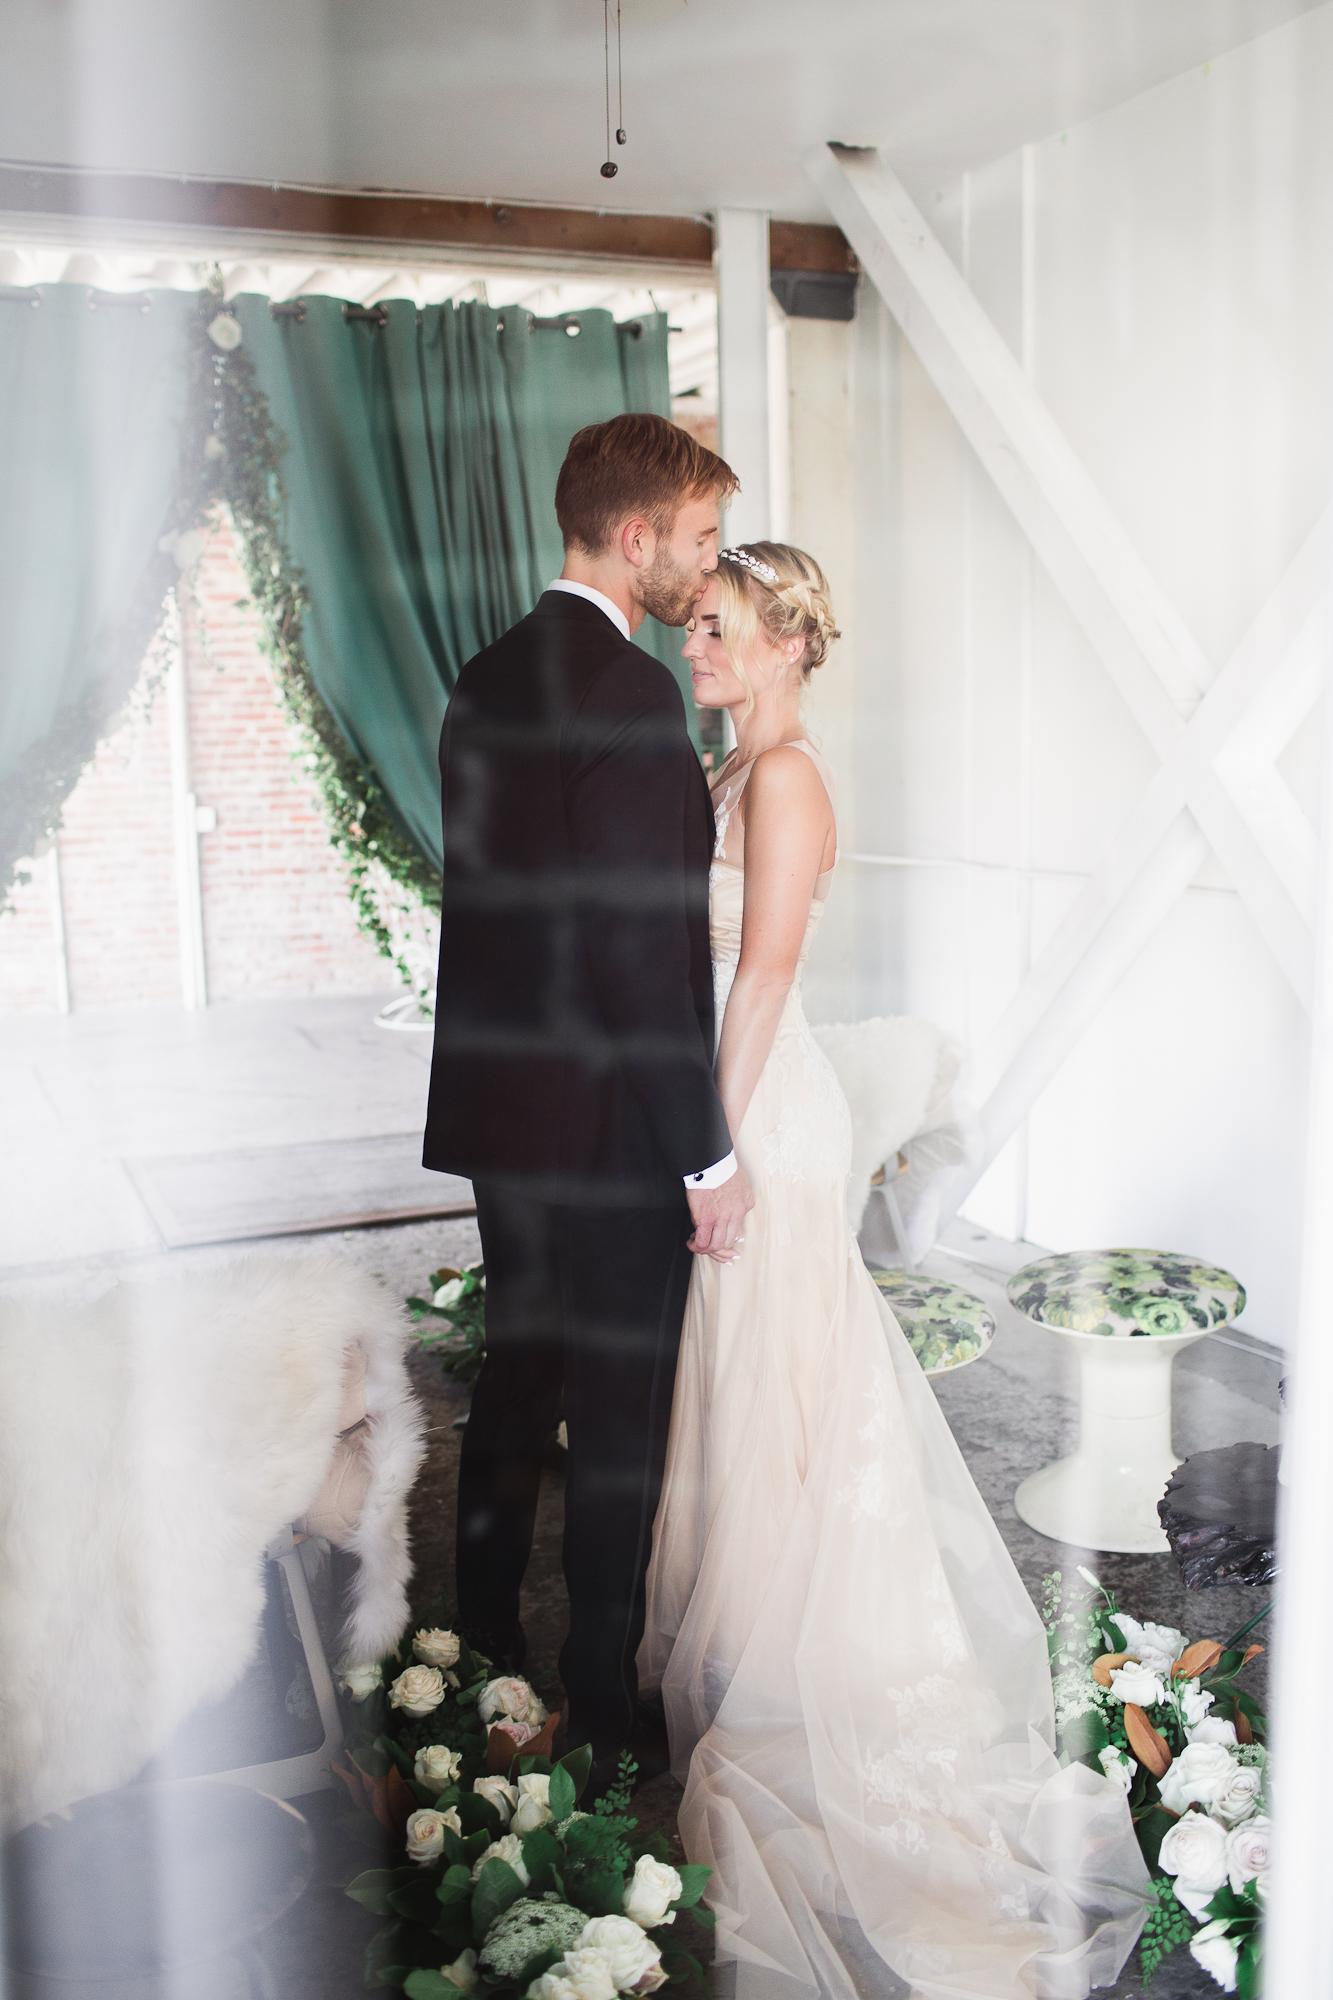 romantic la weddings